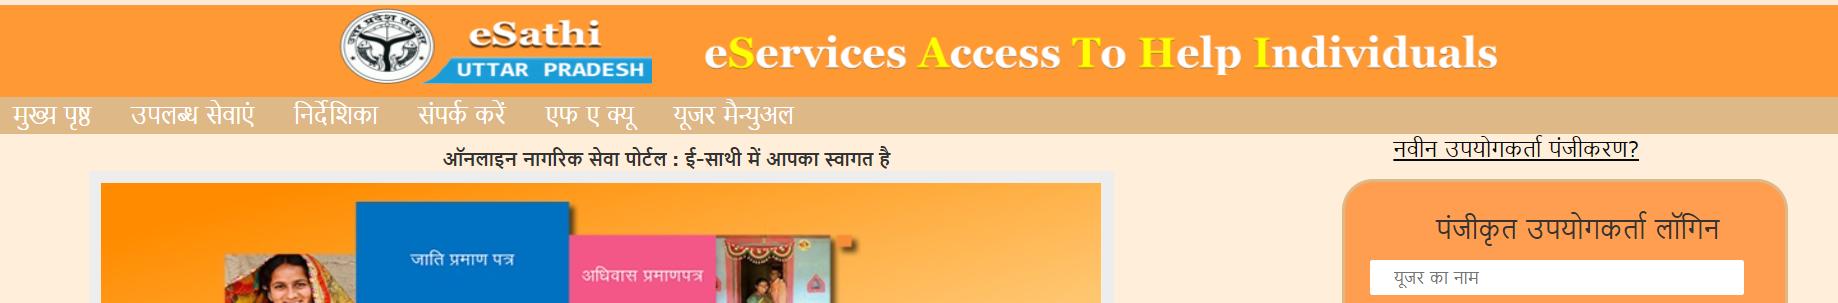 uttar-pradesh-online-awedan-karne-ki-prakriya